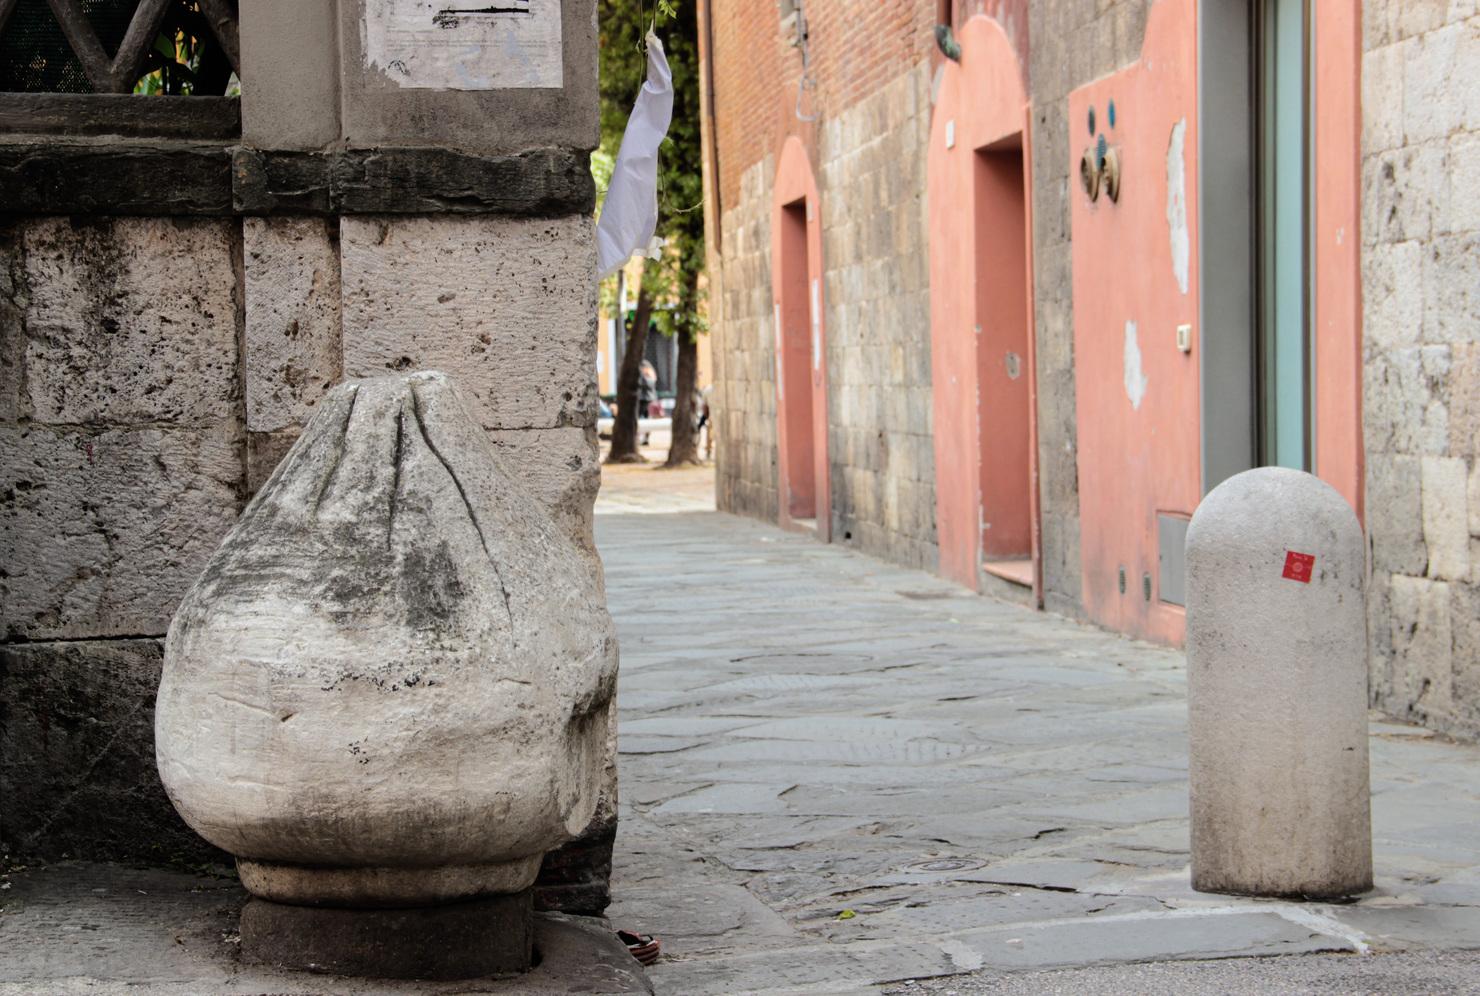 Cippo etrusco piriforme reimpiego antico _ Via San. Martino(G. Bettini, Comune di Pisa)